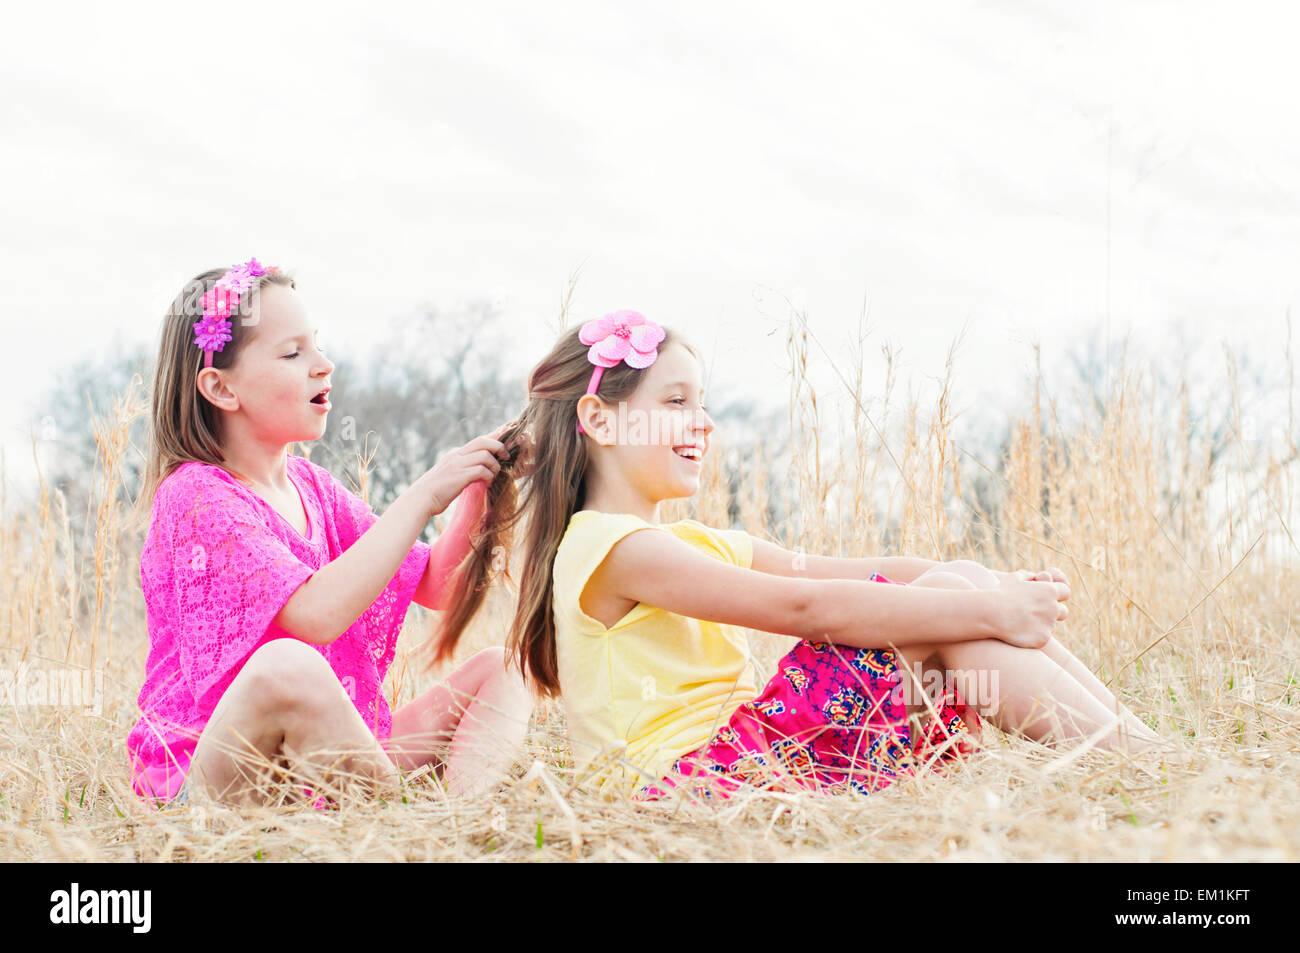 Chica trenzar el cabello de la hermana en la pradera Imagen De Stock